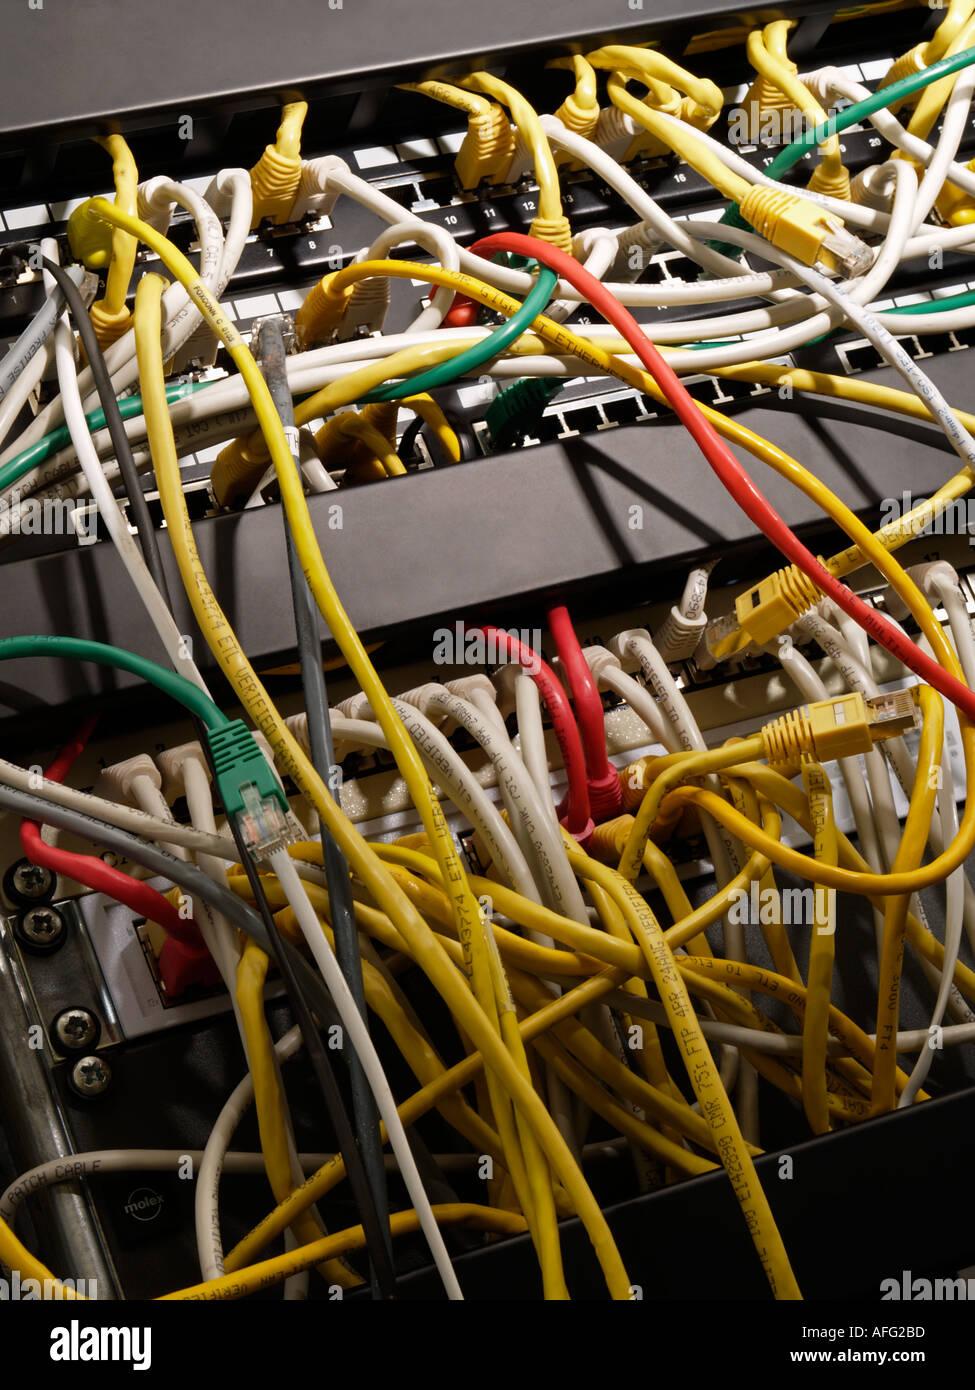 Nett Wir Draht Kabelunternehmen Ideen - Schaltplan Serie Circuit ...